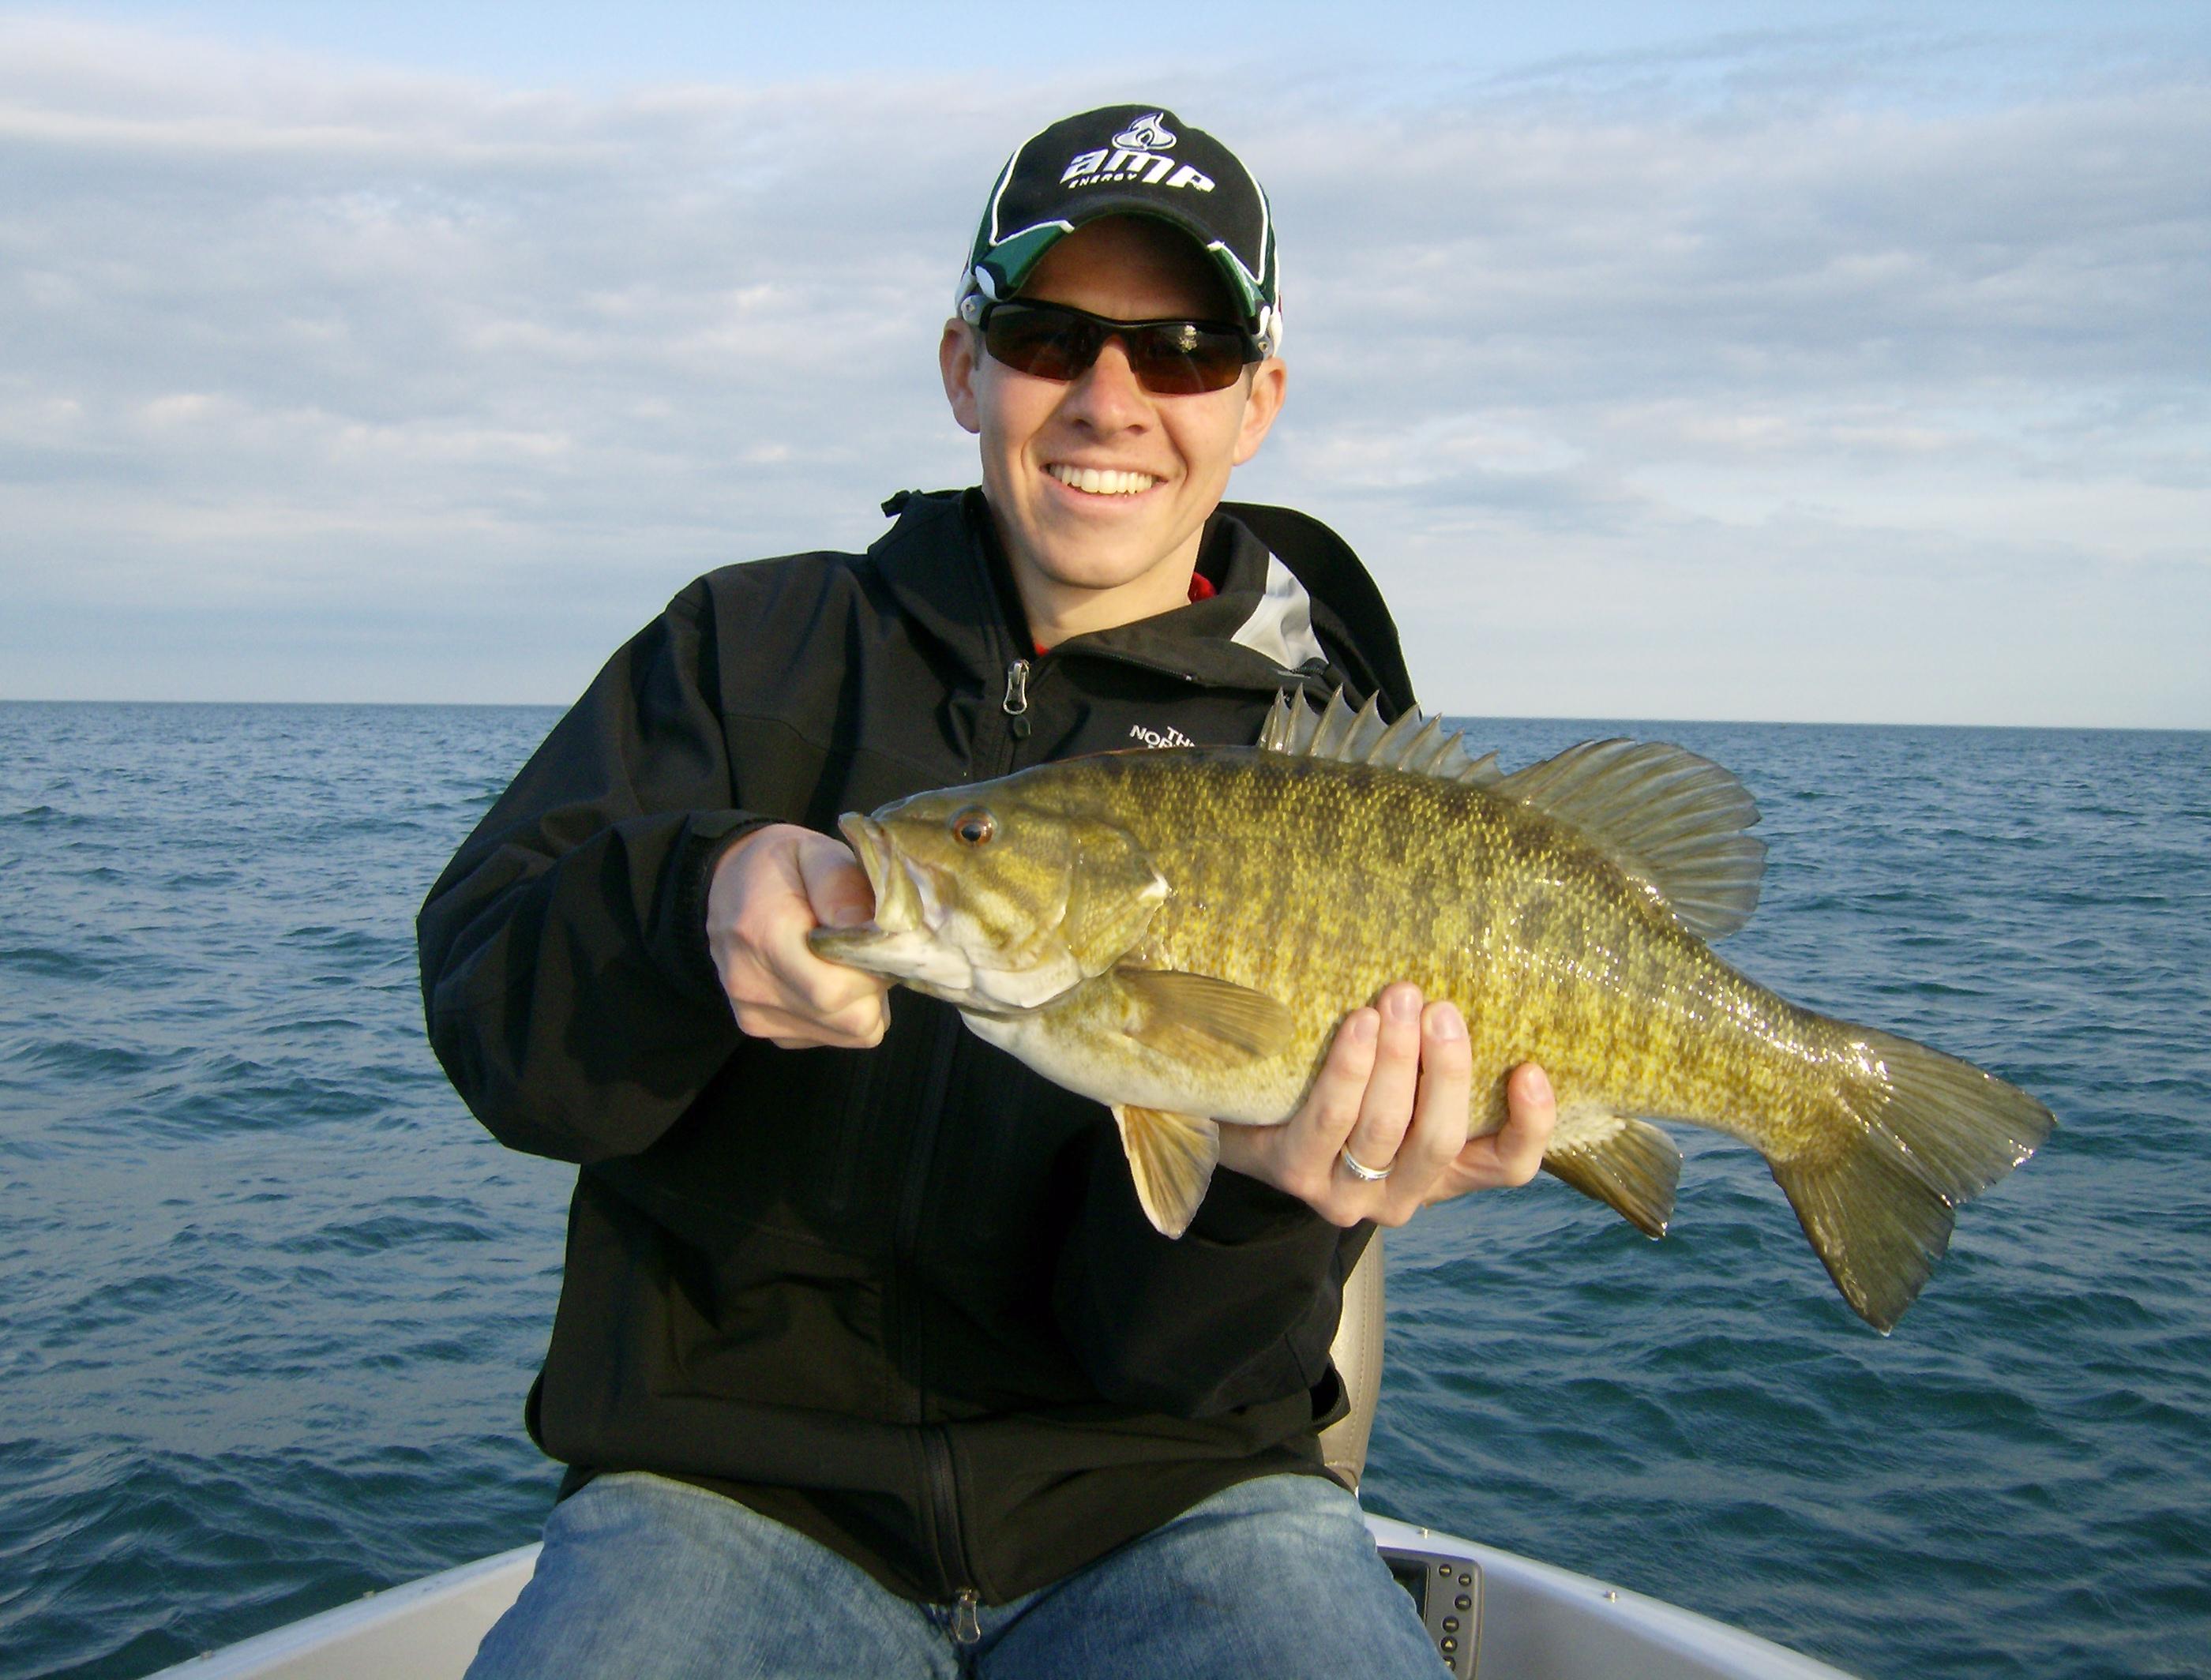 Trohpy size Lake Erie smallmouth bass